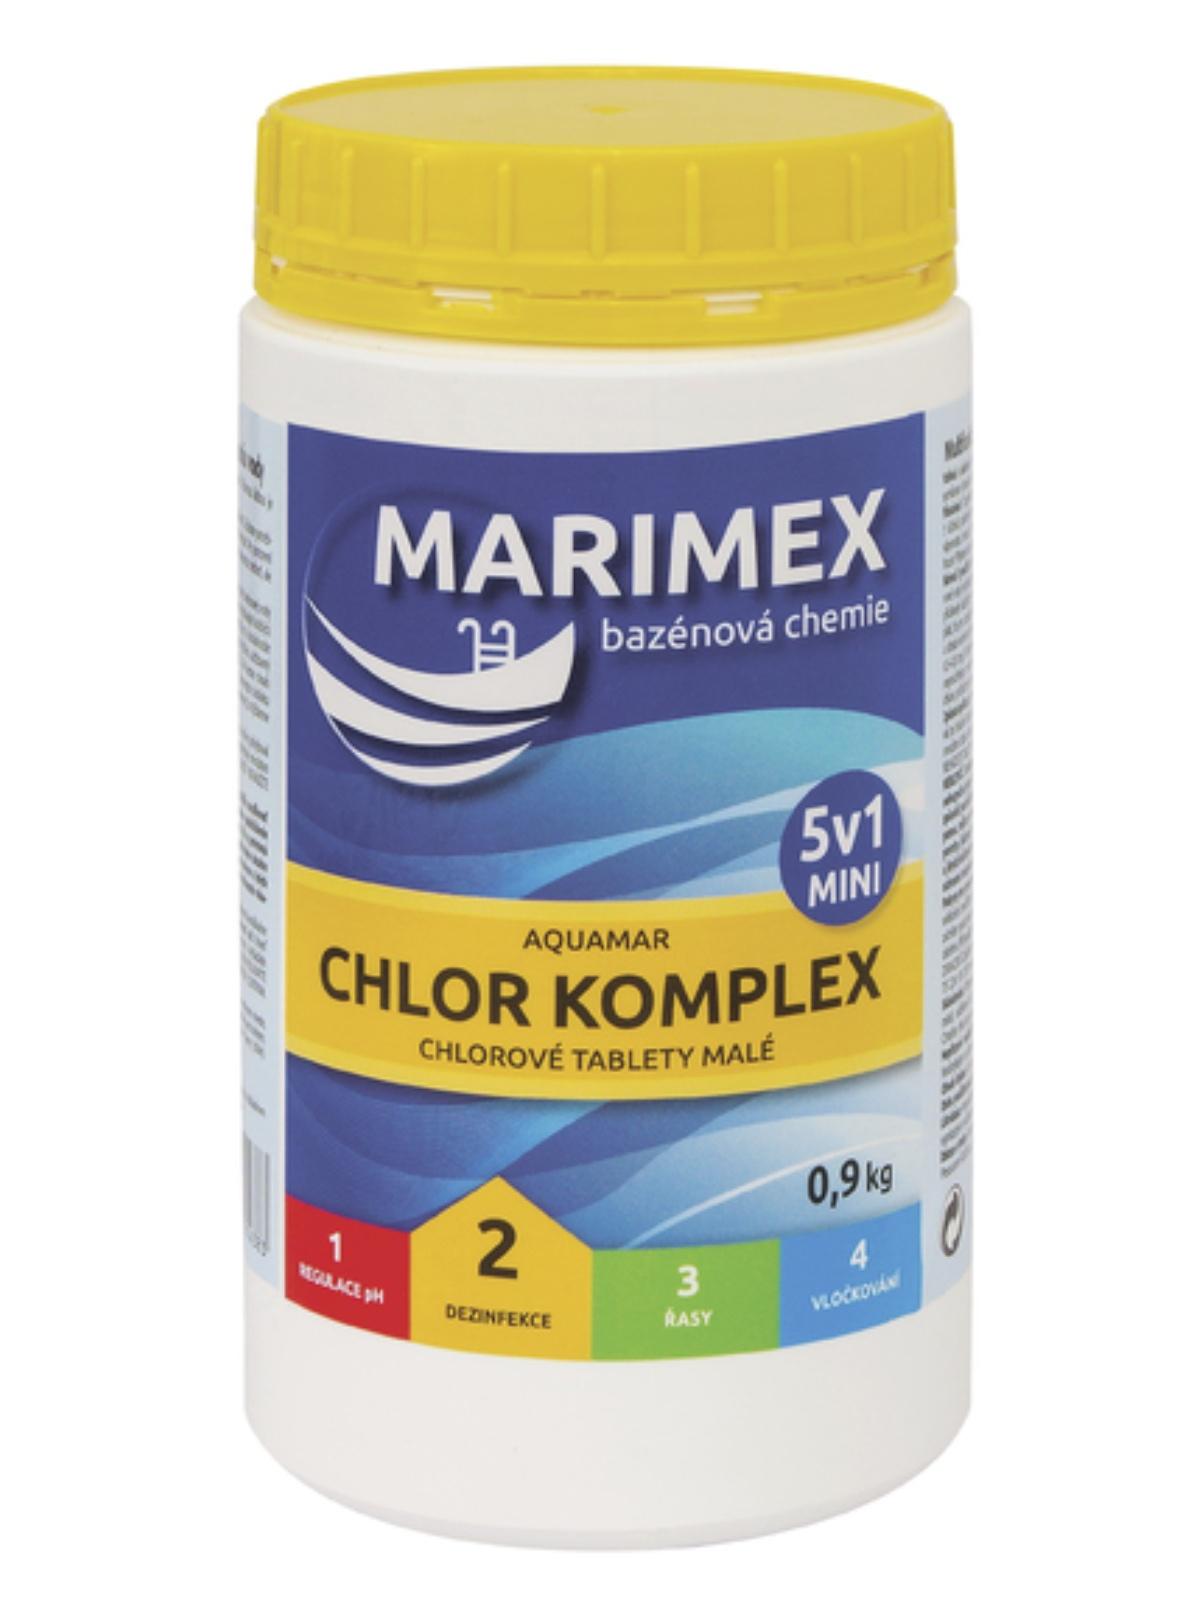 MARIMEX 11301211 AquaMar Komplex Mini 5v1 900g -